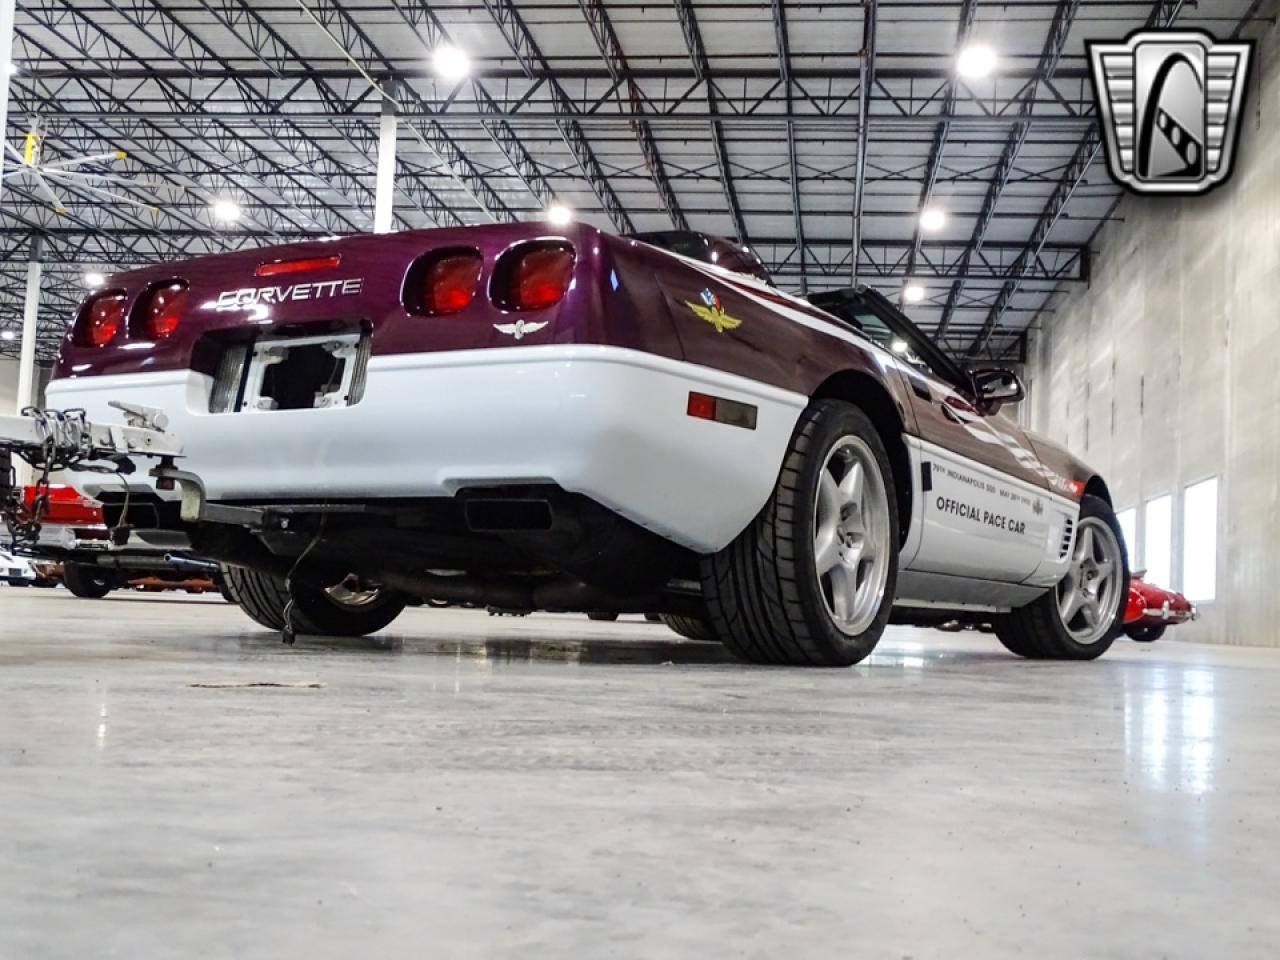 1995 Chevrolet Corvette (CC-1341618) for sale in O'Fallon, Illinois